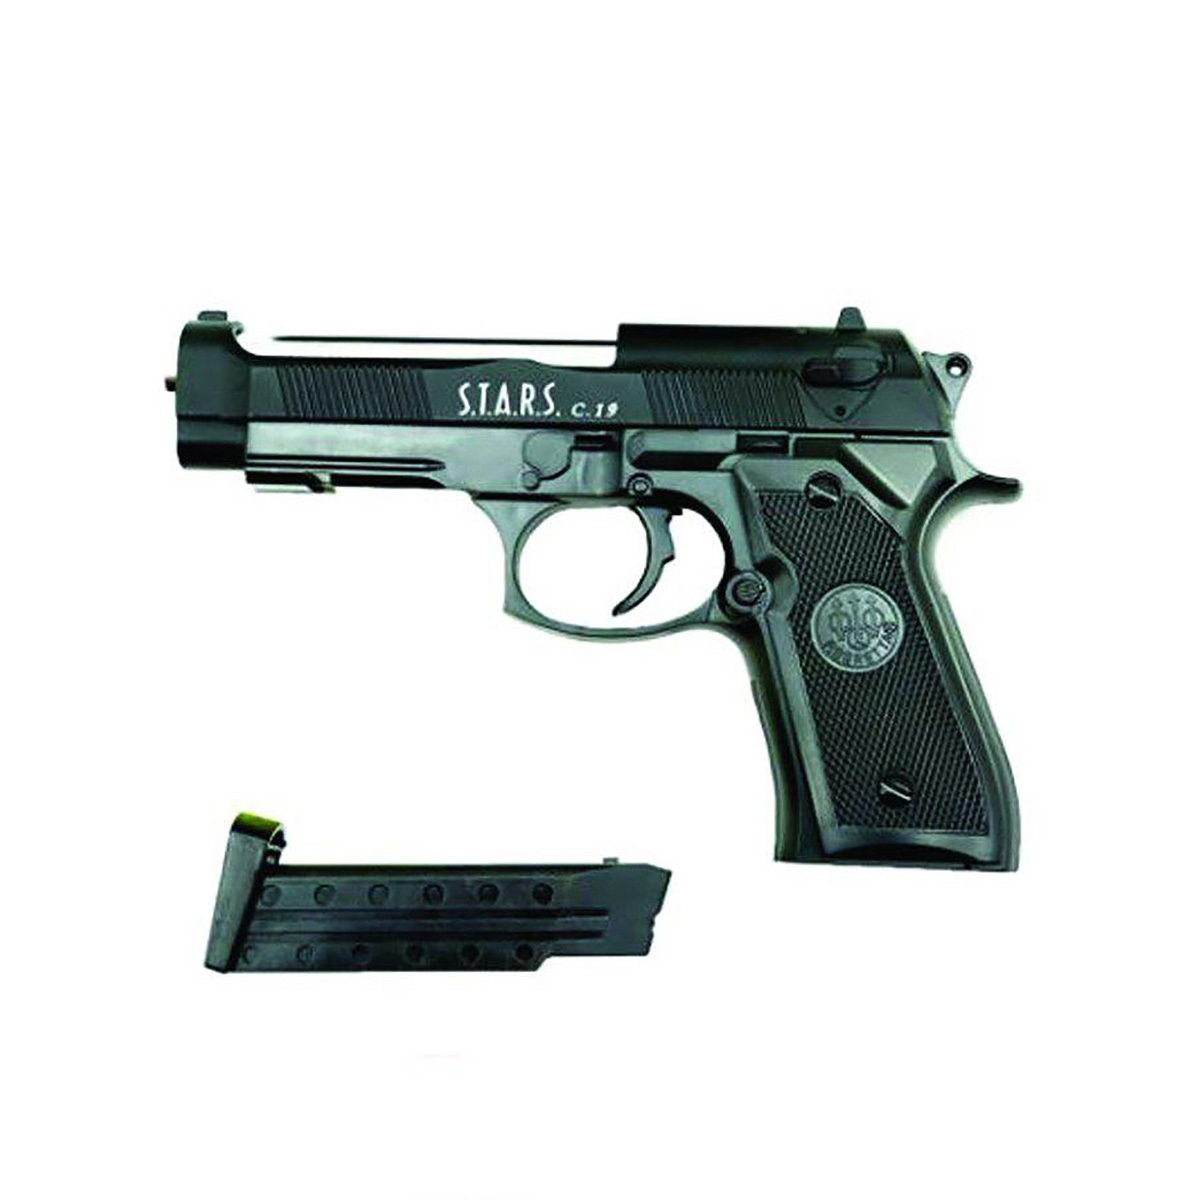 تفنگ کلت فلزی ساچمه ای ایرسافت گان مدل C.19 اورجینال